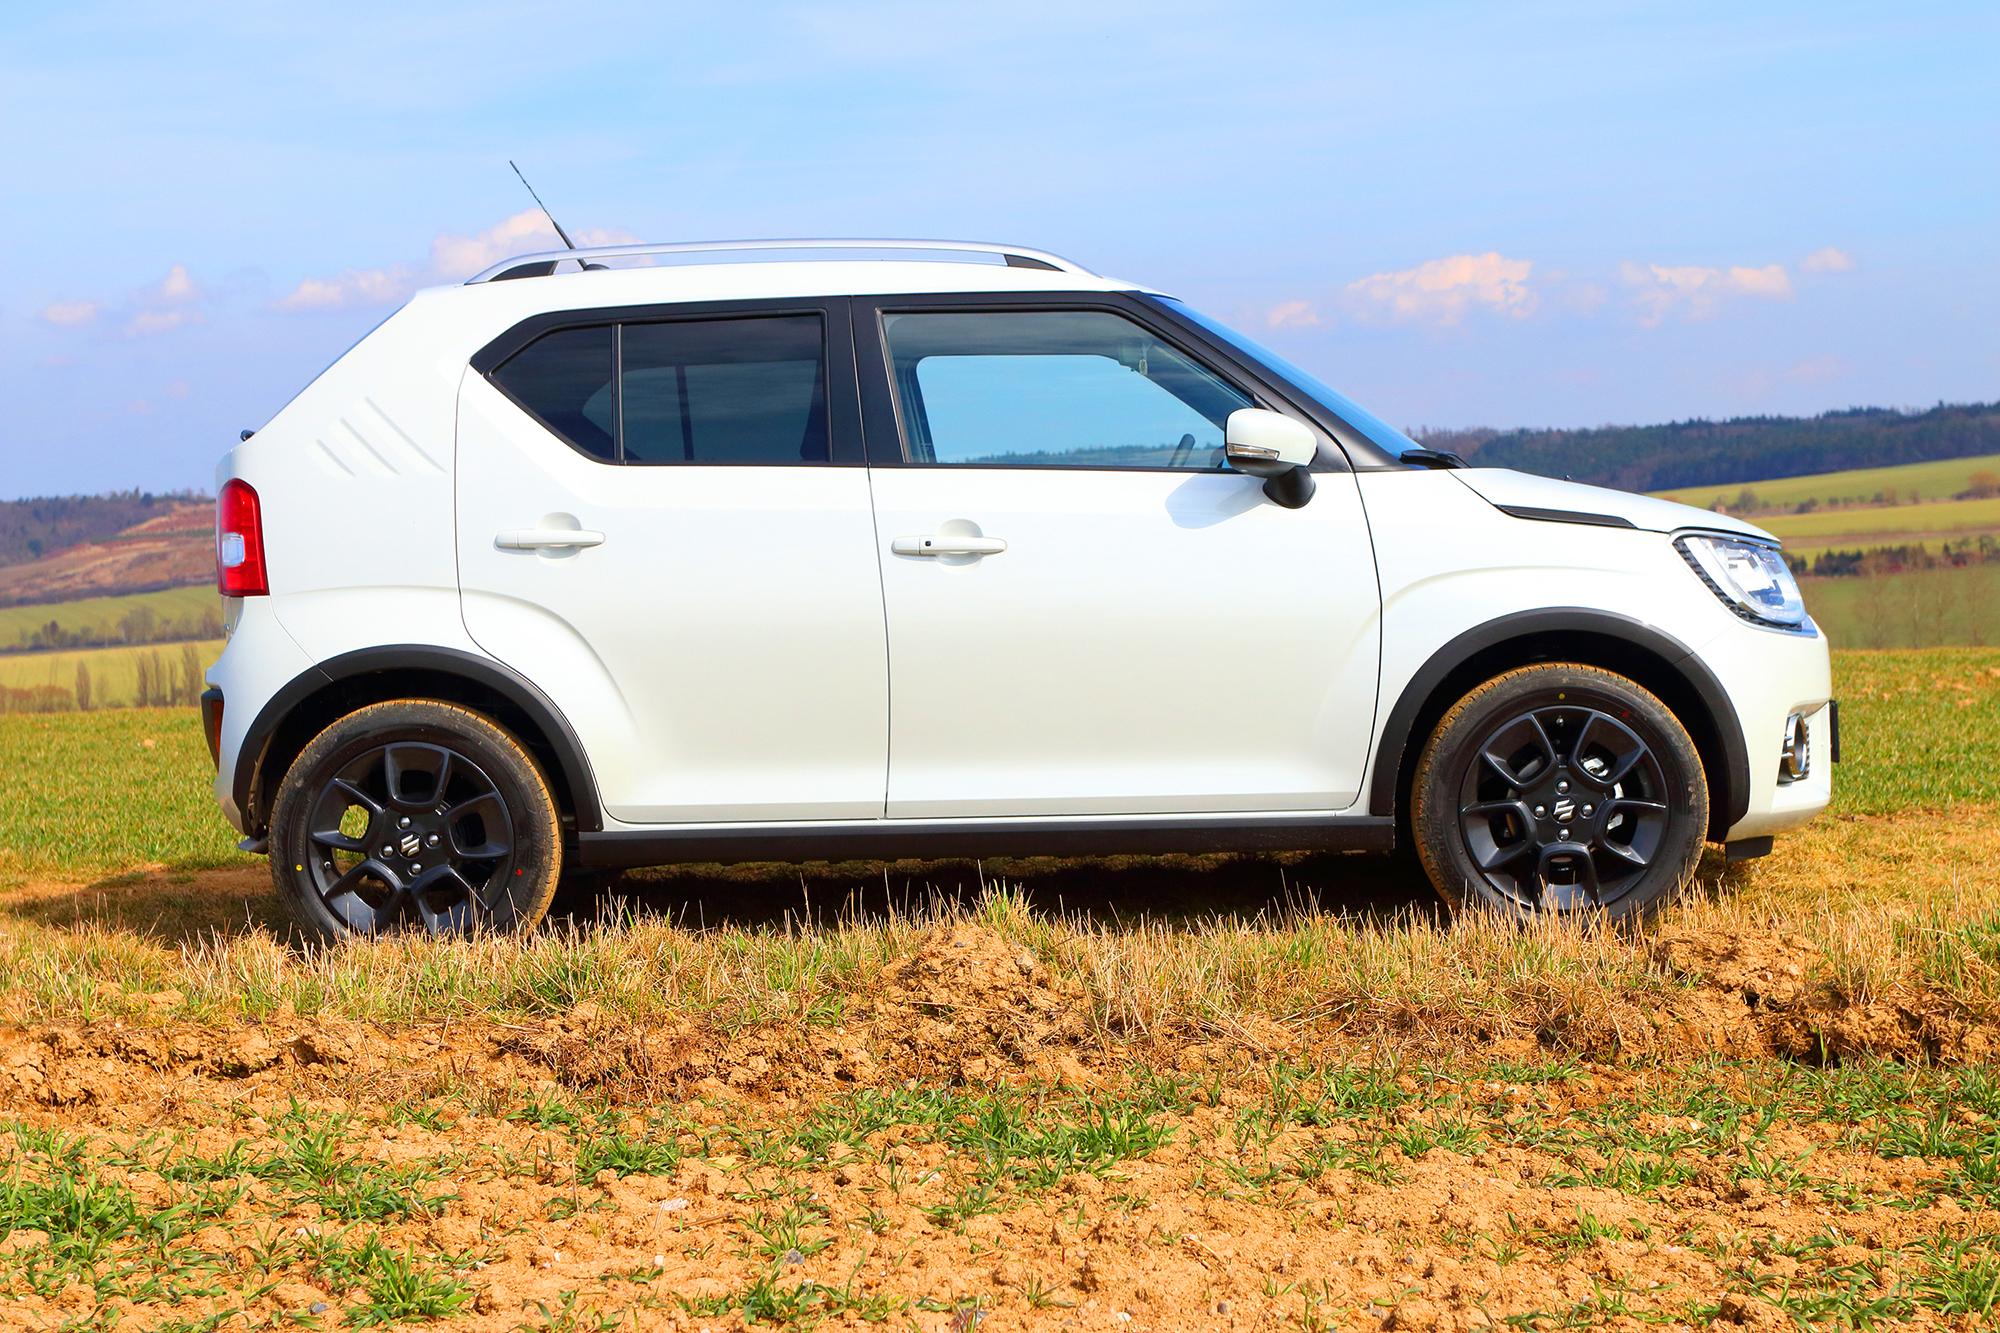 Suzuki Ignis (Image: Kletr/Shutterstock)